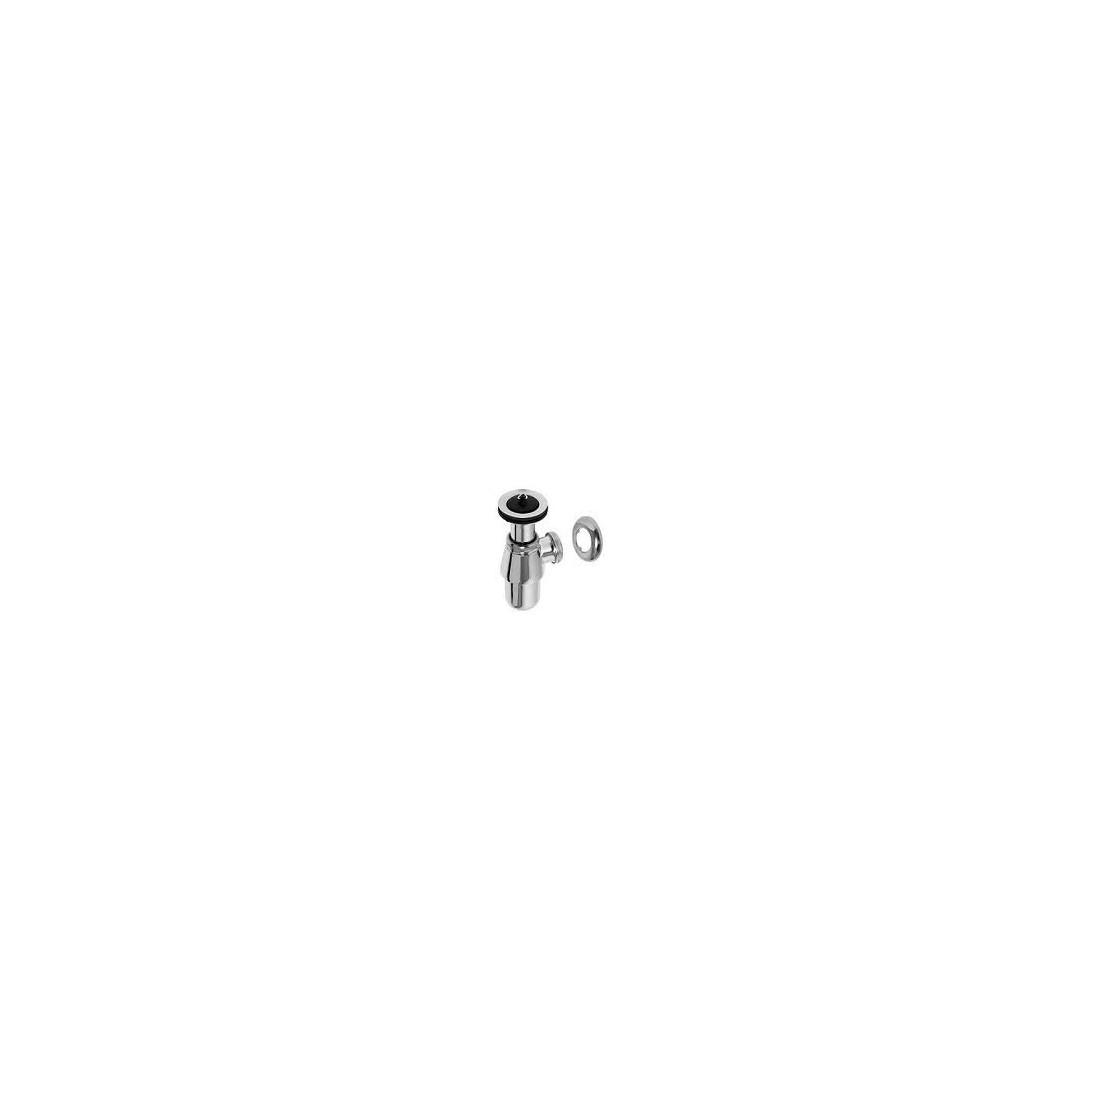 Plautuvės sifonas butelinis, su ventiliu, 1 1/4 x 32, chromas